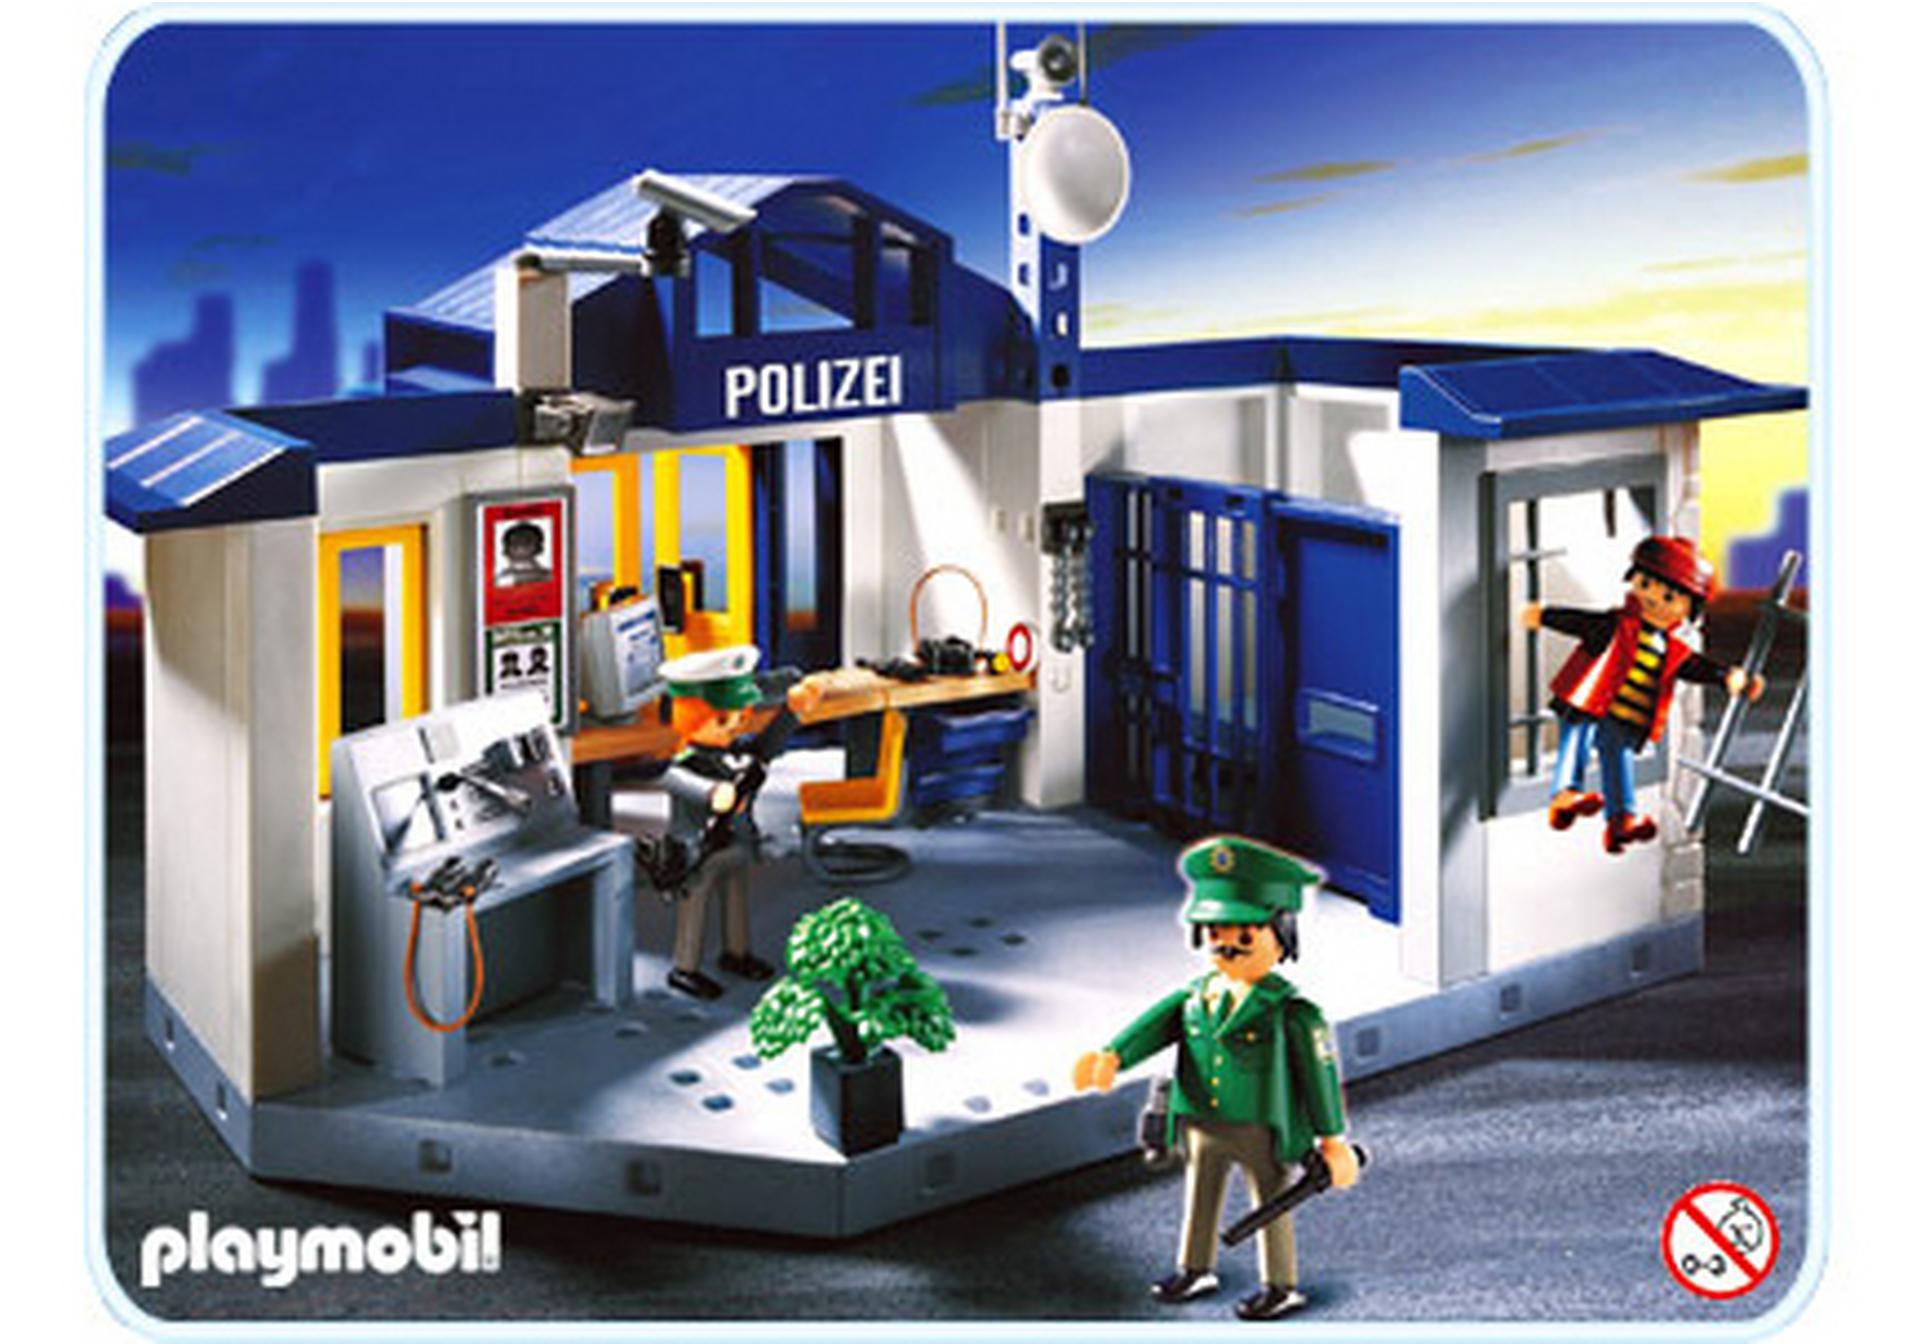 Polizeirevier gef ngnis 3159 a playmobil deutschland for Jugendzimmer playmobil